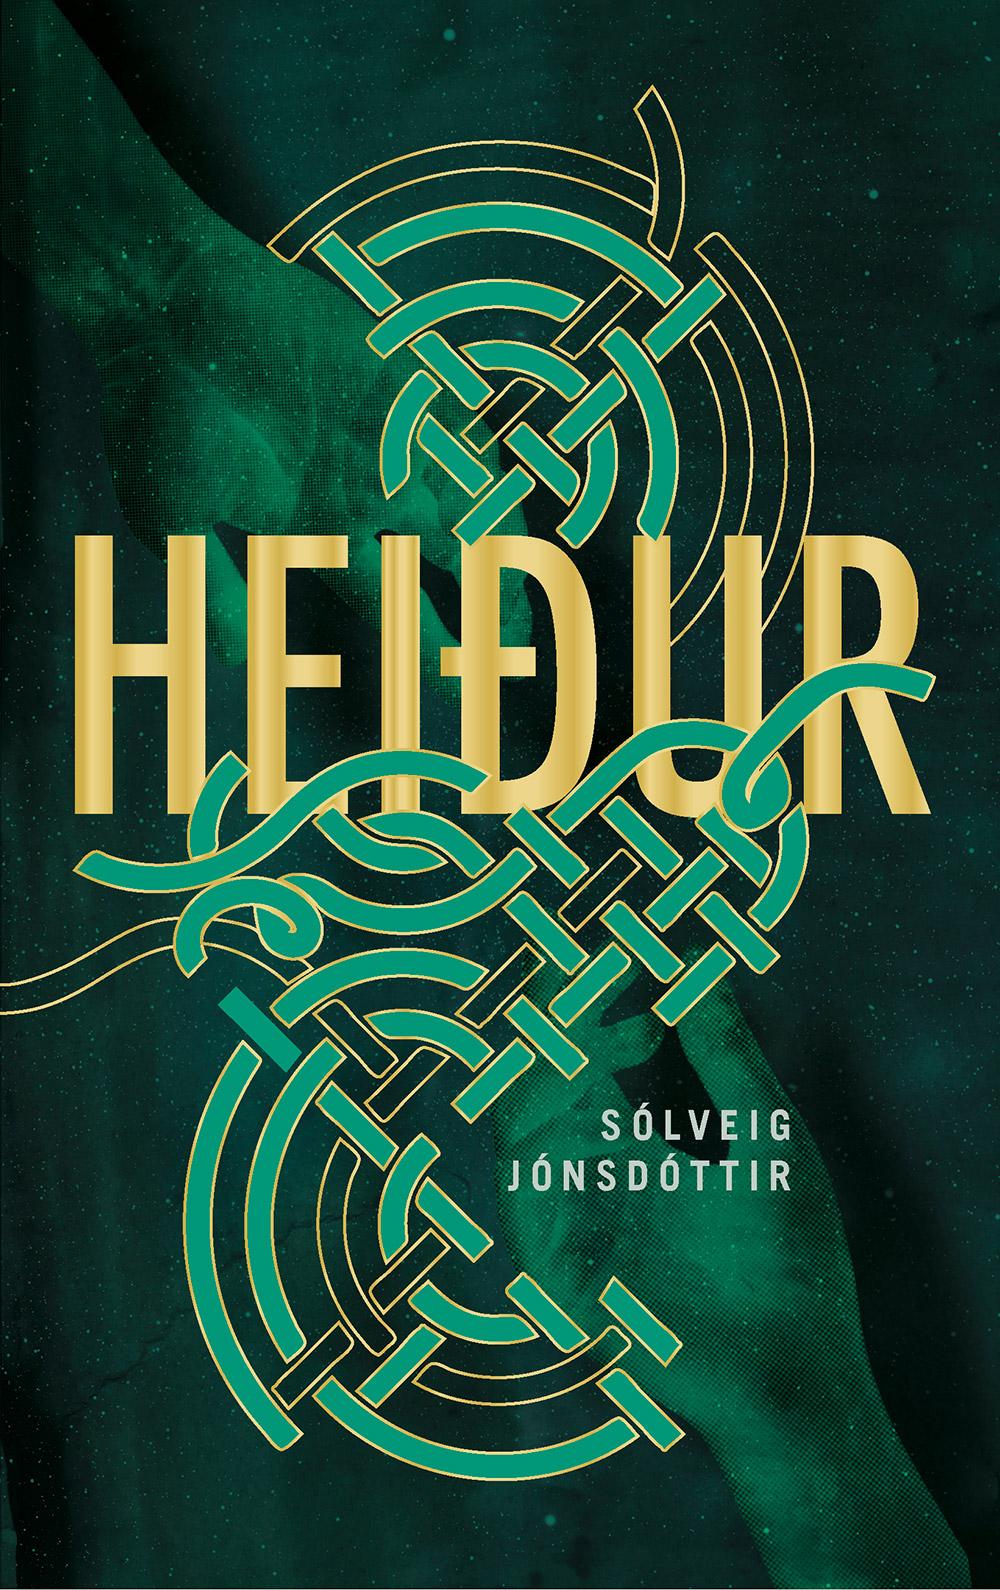 Heiður